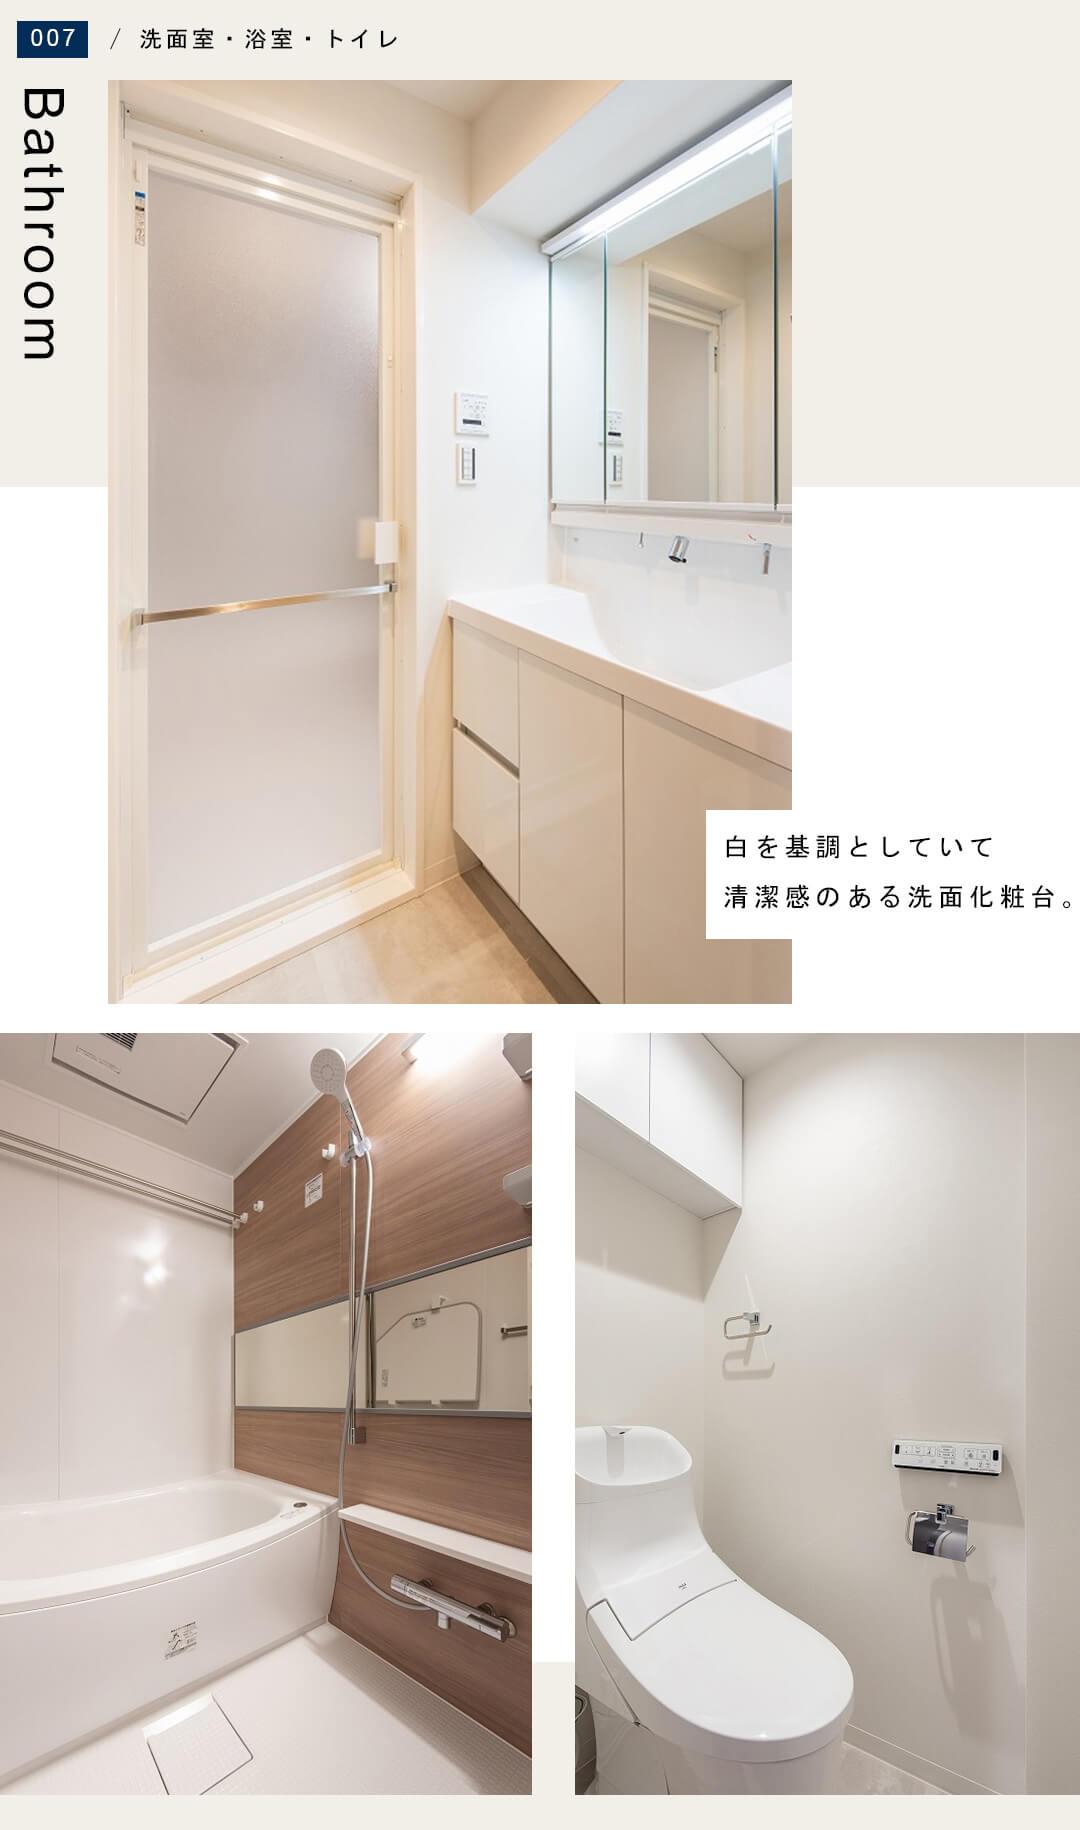 オリンポス西日暮里の洗面室と浴室とトイレ